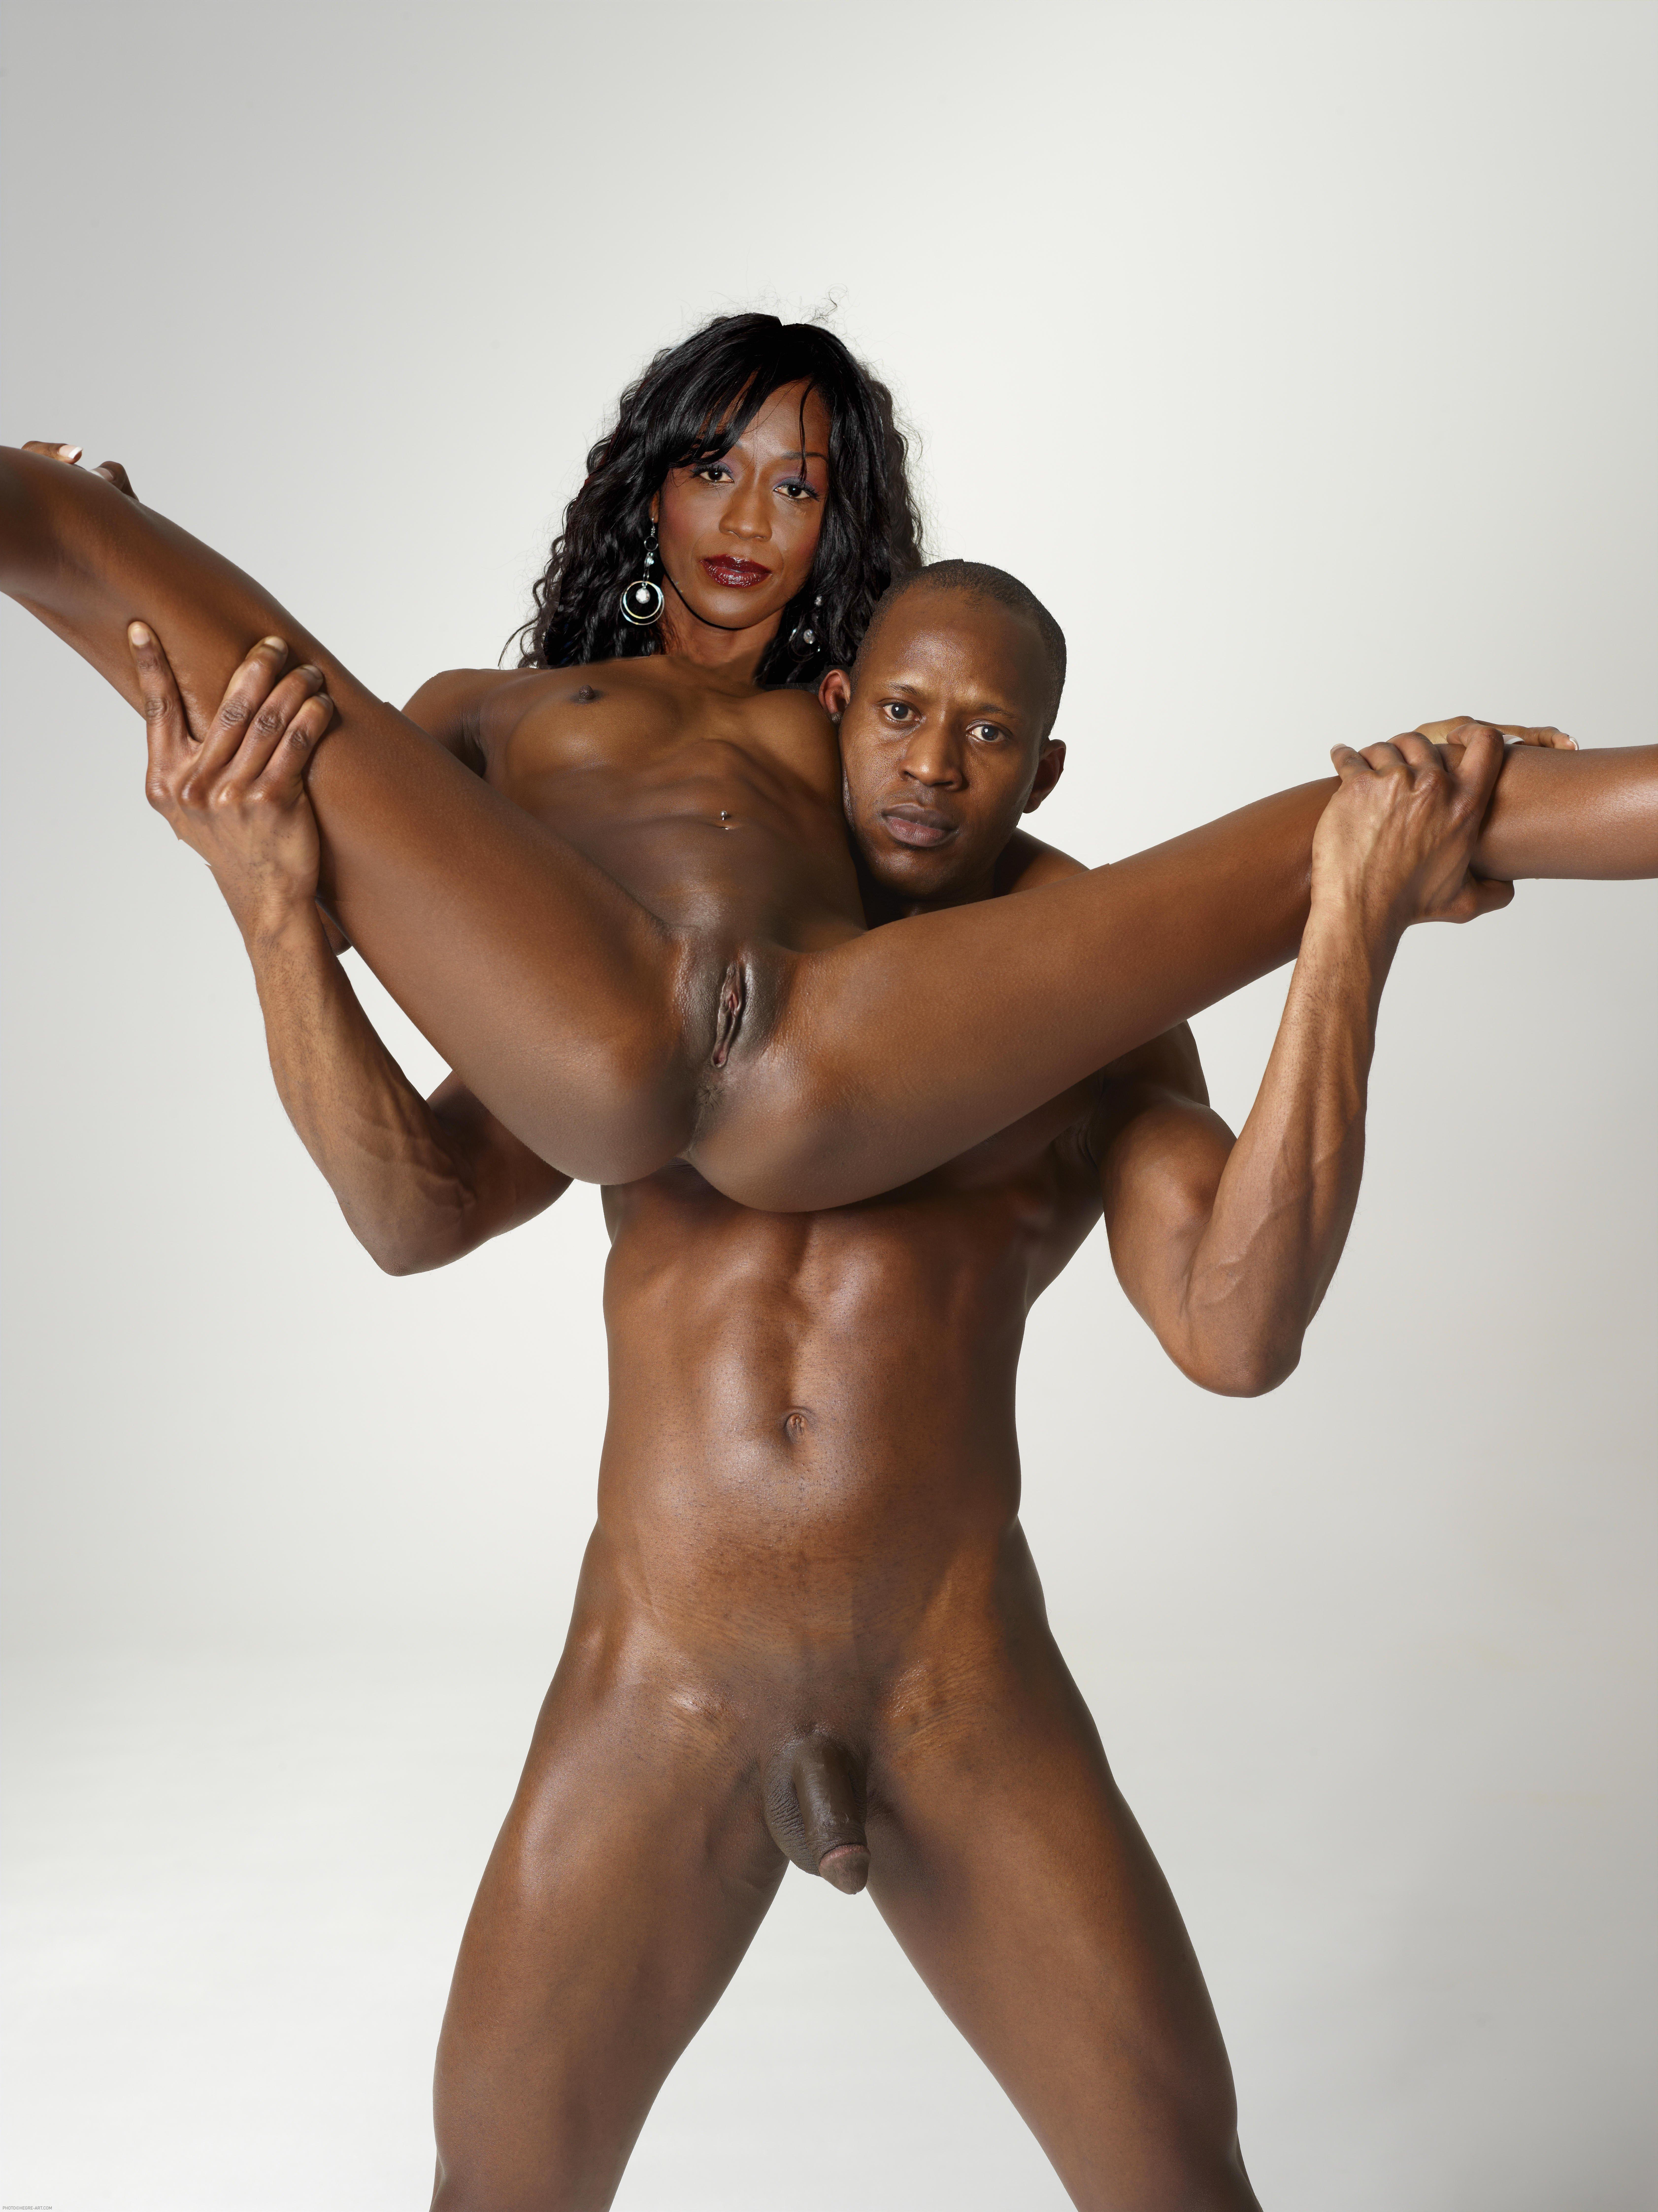 Black naked athletes